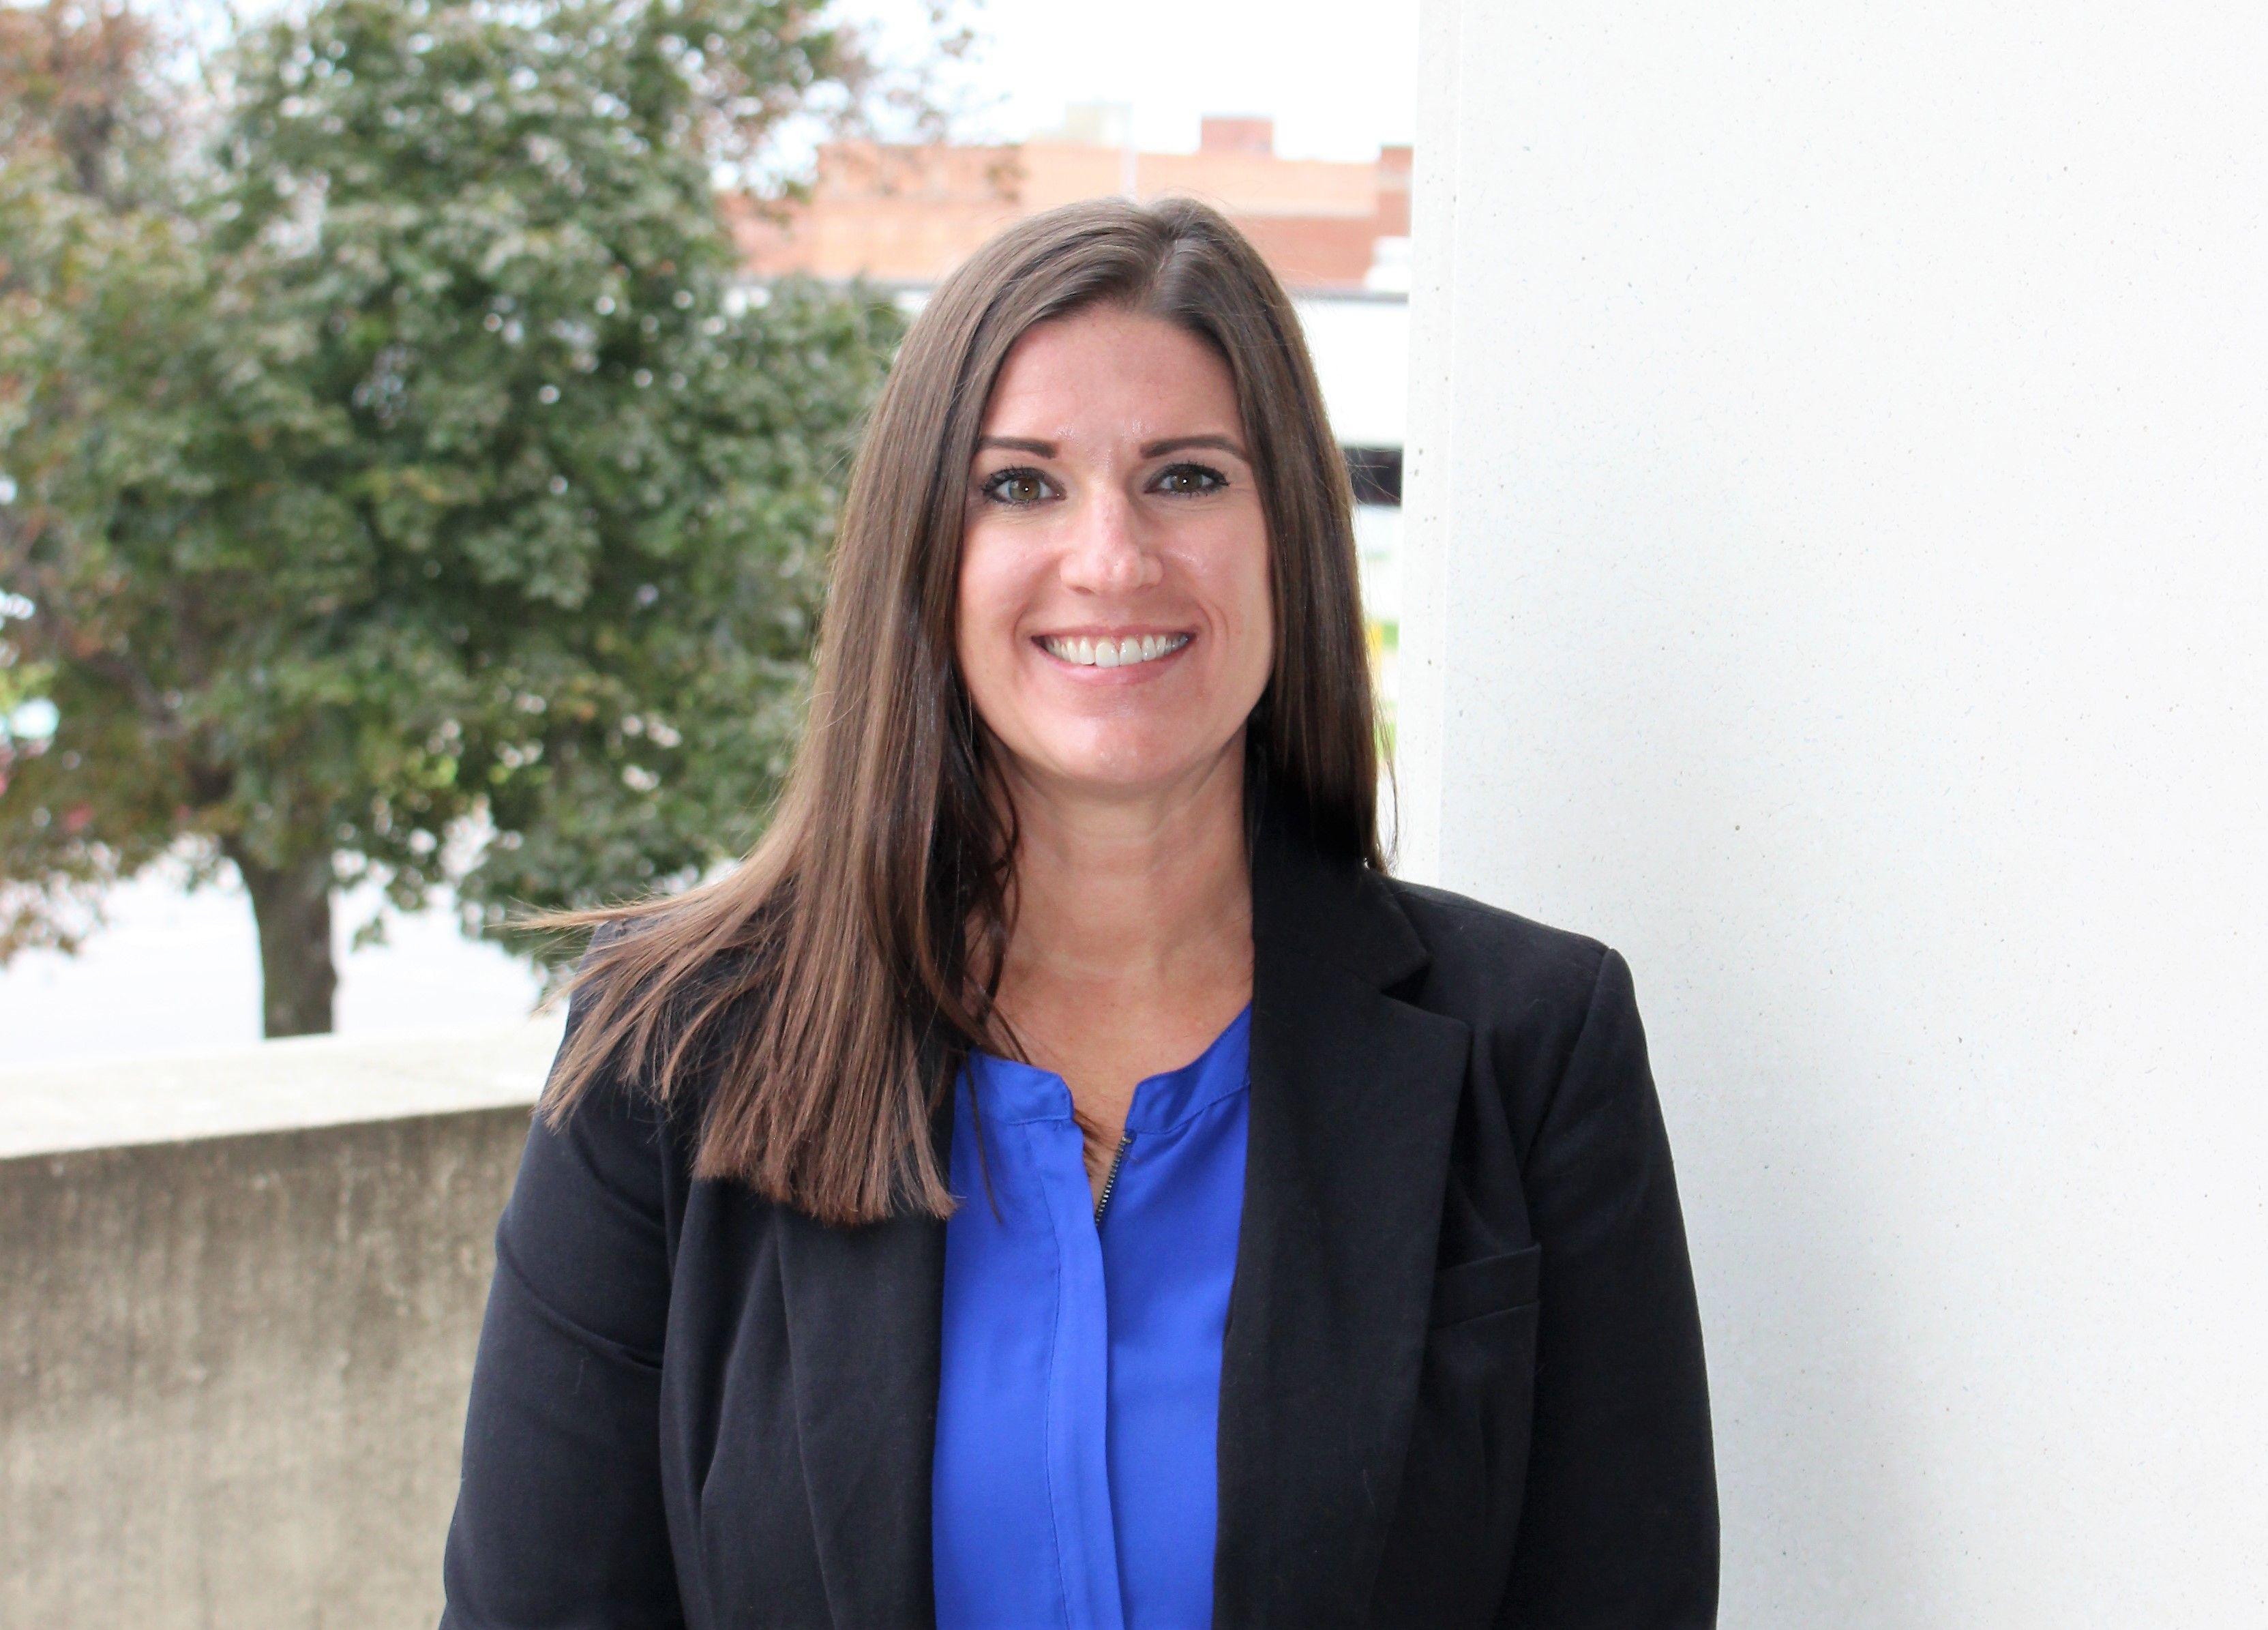 Erin Spilker